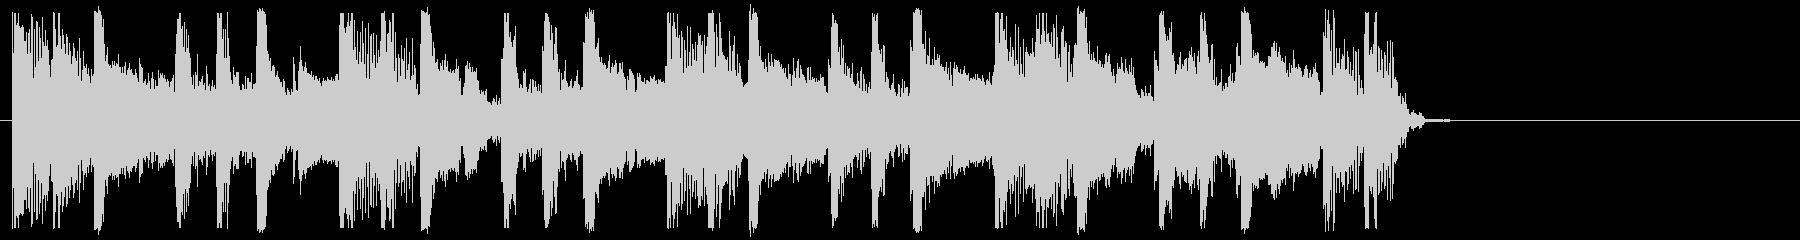 エレキギター・ストンプ・クラップジングルの未再生の波形